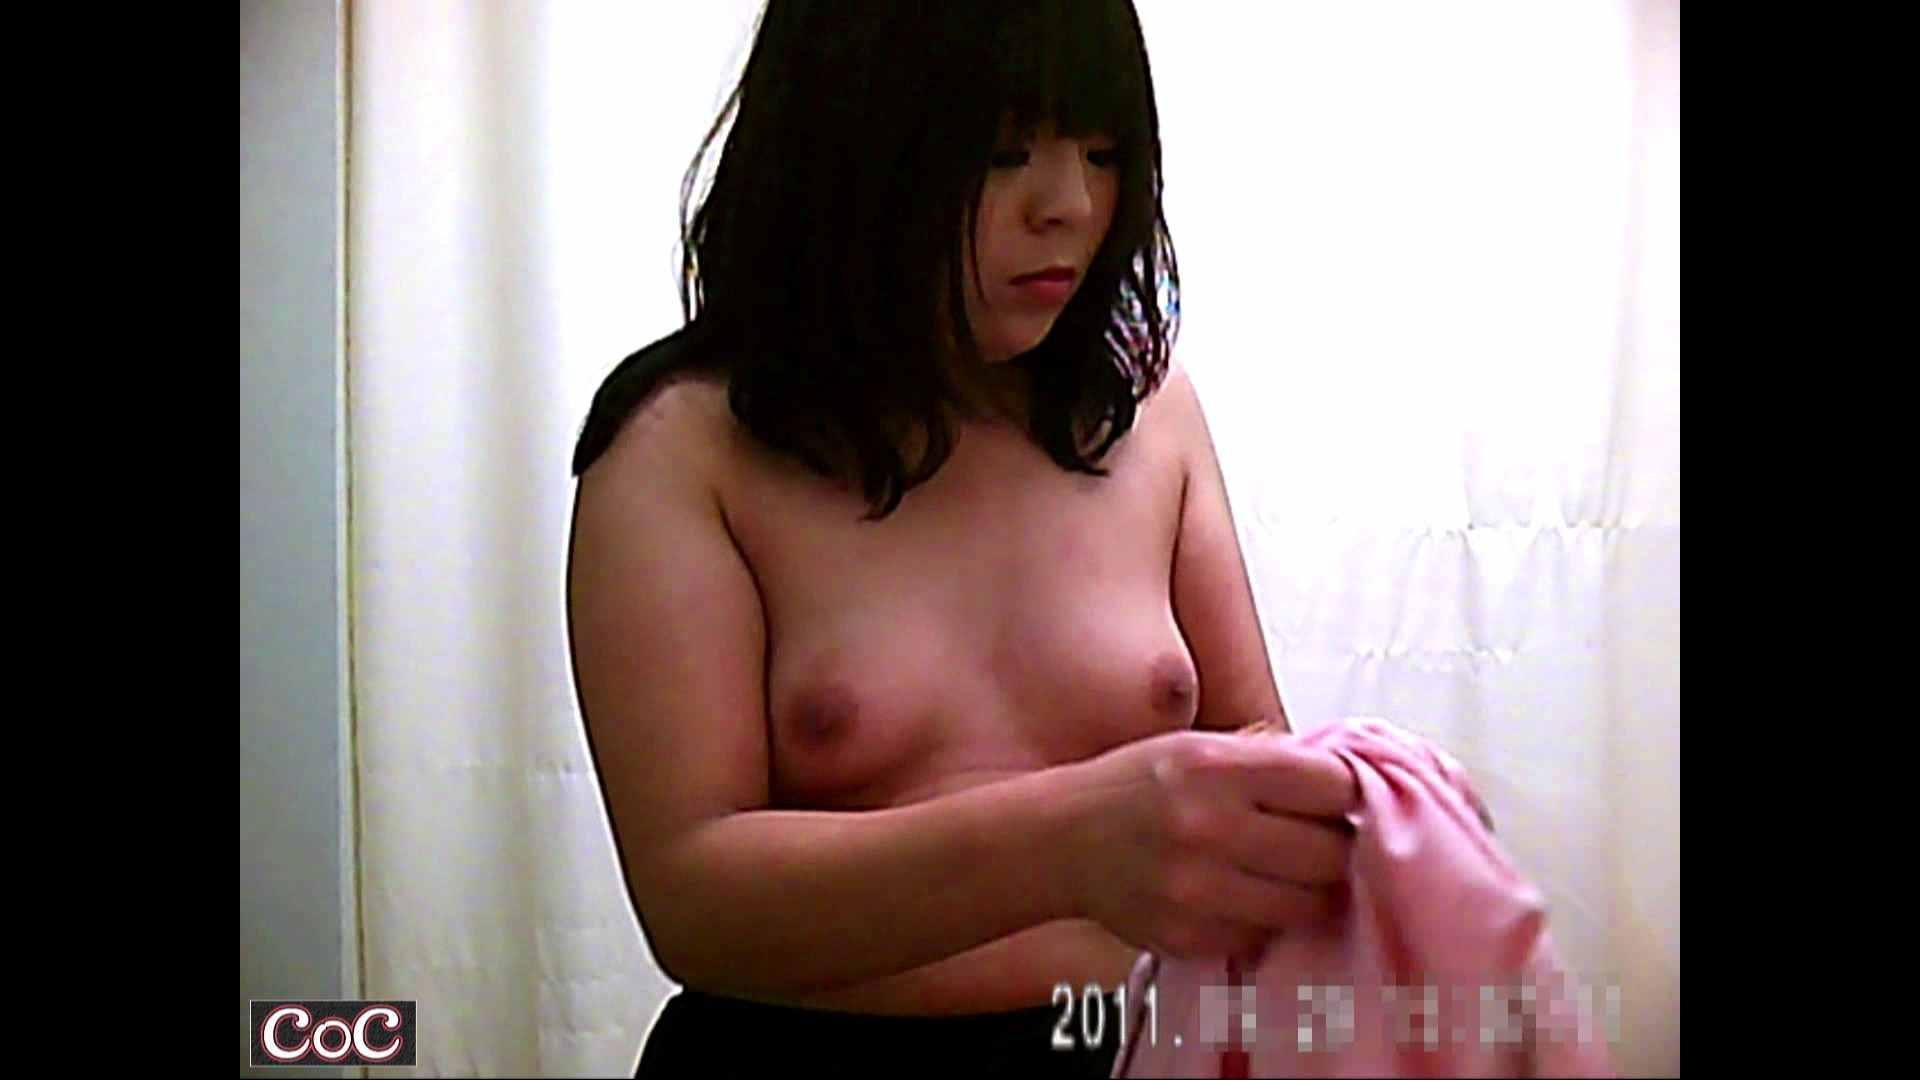 元医者による反抗 更衣室地獄絵巻 vol.250 OLハメ撮り  78Pix 49